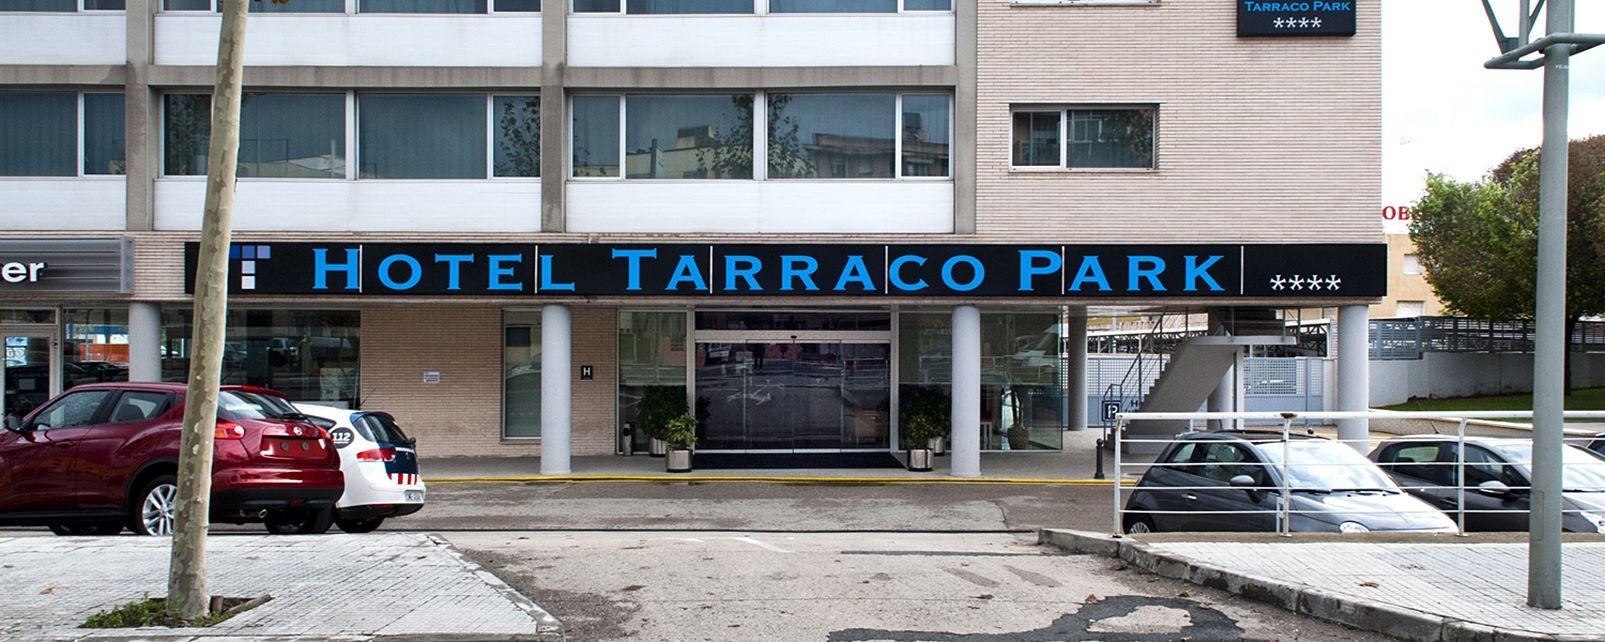 Hôtel Tarraco Park